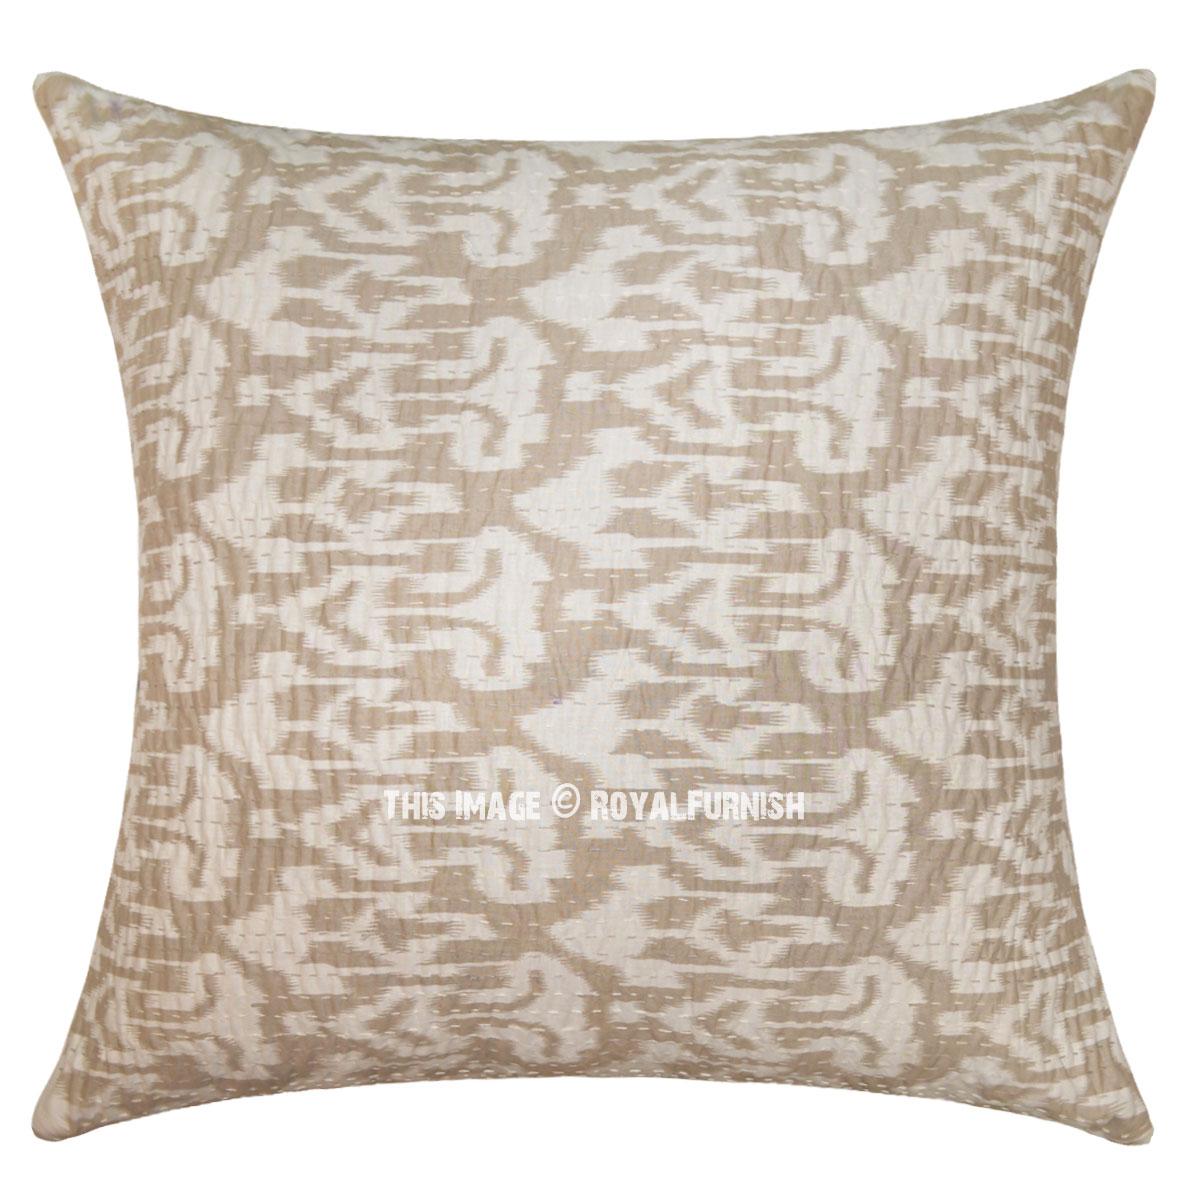 24 Big Gray Indian Decorative Ikat Kantha Throw Pillow Cover